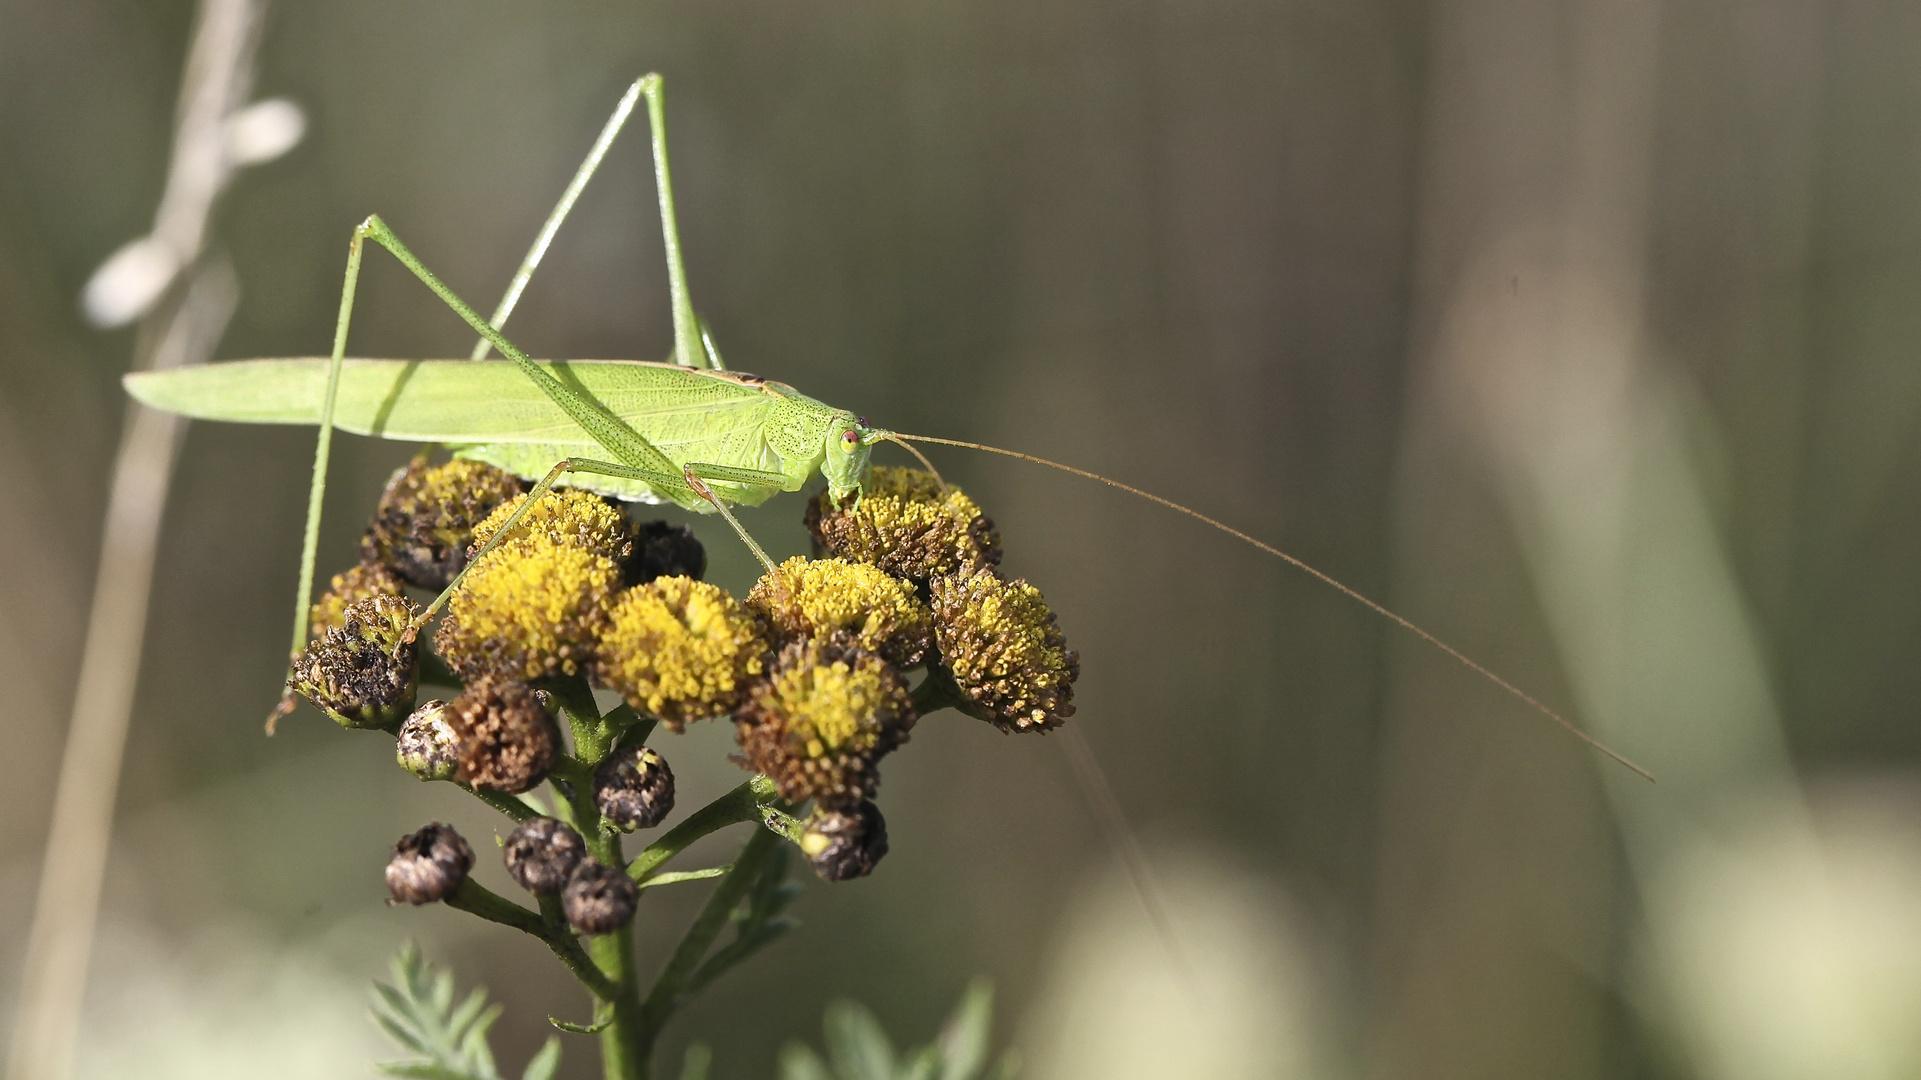 Letzte Blütenreste und Insekten am Herbstbeginn